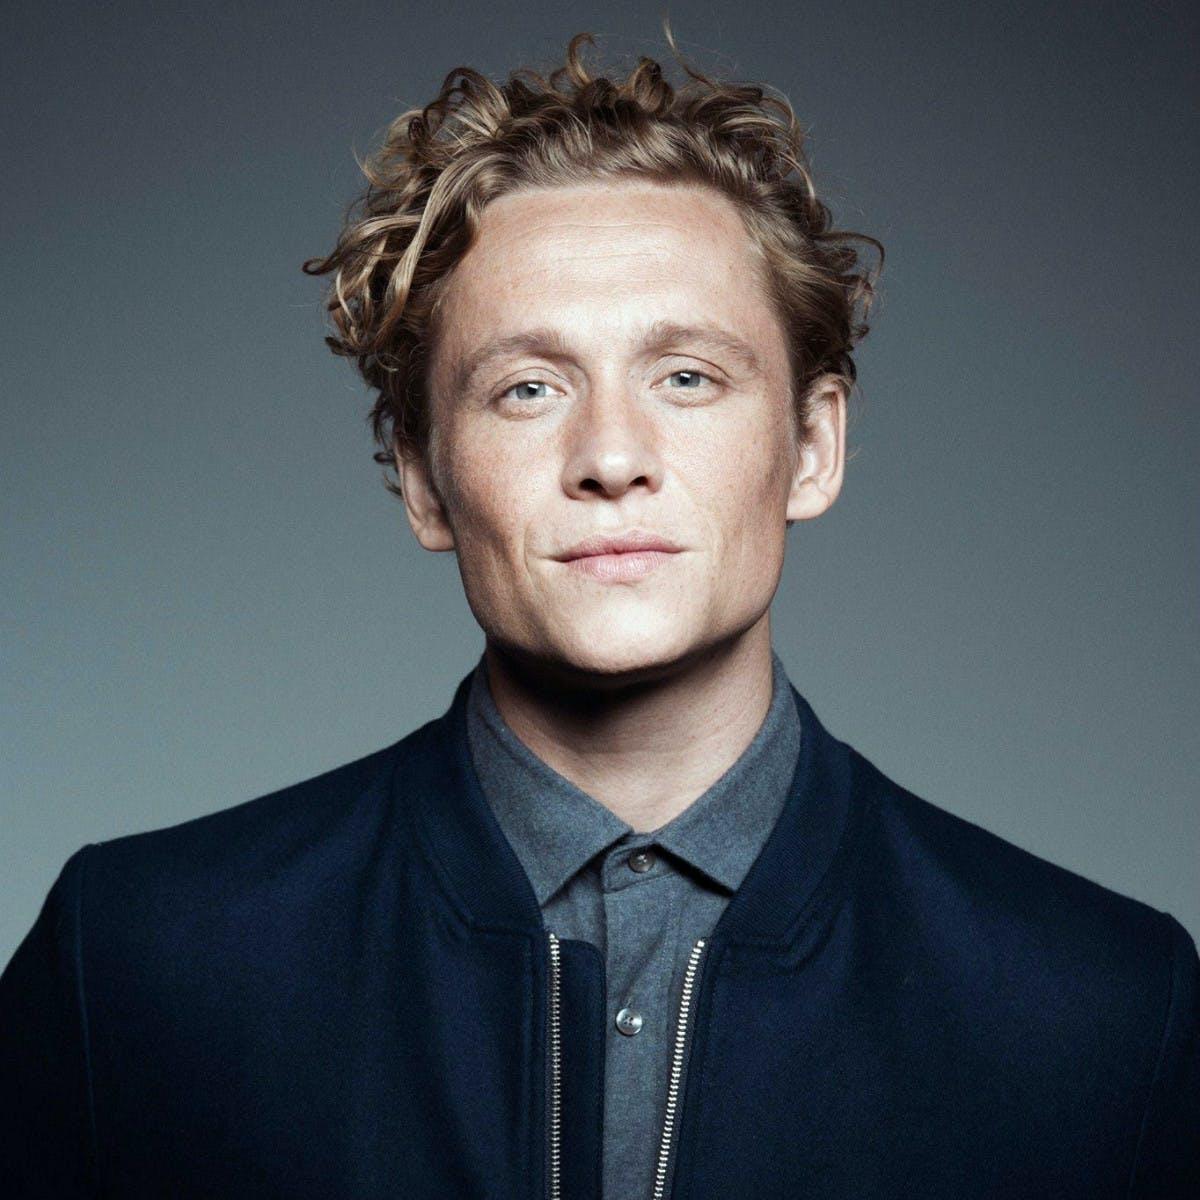 Matthias Schweighöfer gründet deutsches Netflix [Startup-News]